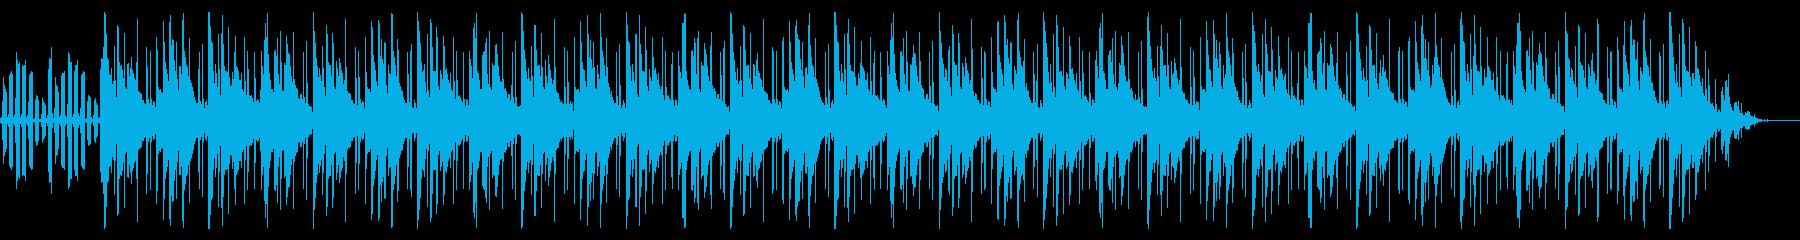 暗いビートトリップ感の再生済みの波形